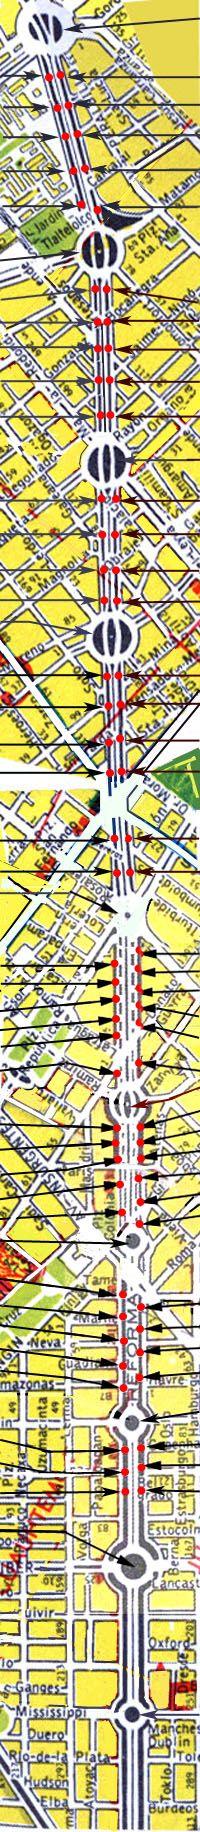 MAPA INTERACTIVO DE ESTATUAS DEL PASEO DE LA REFORMA,   MEXICO,localización, fotos y placas alusivas.